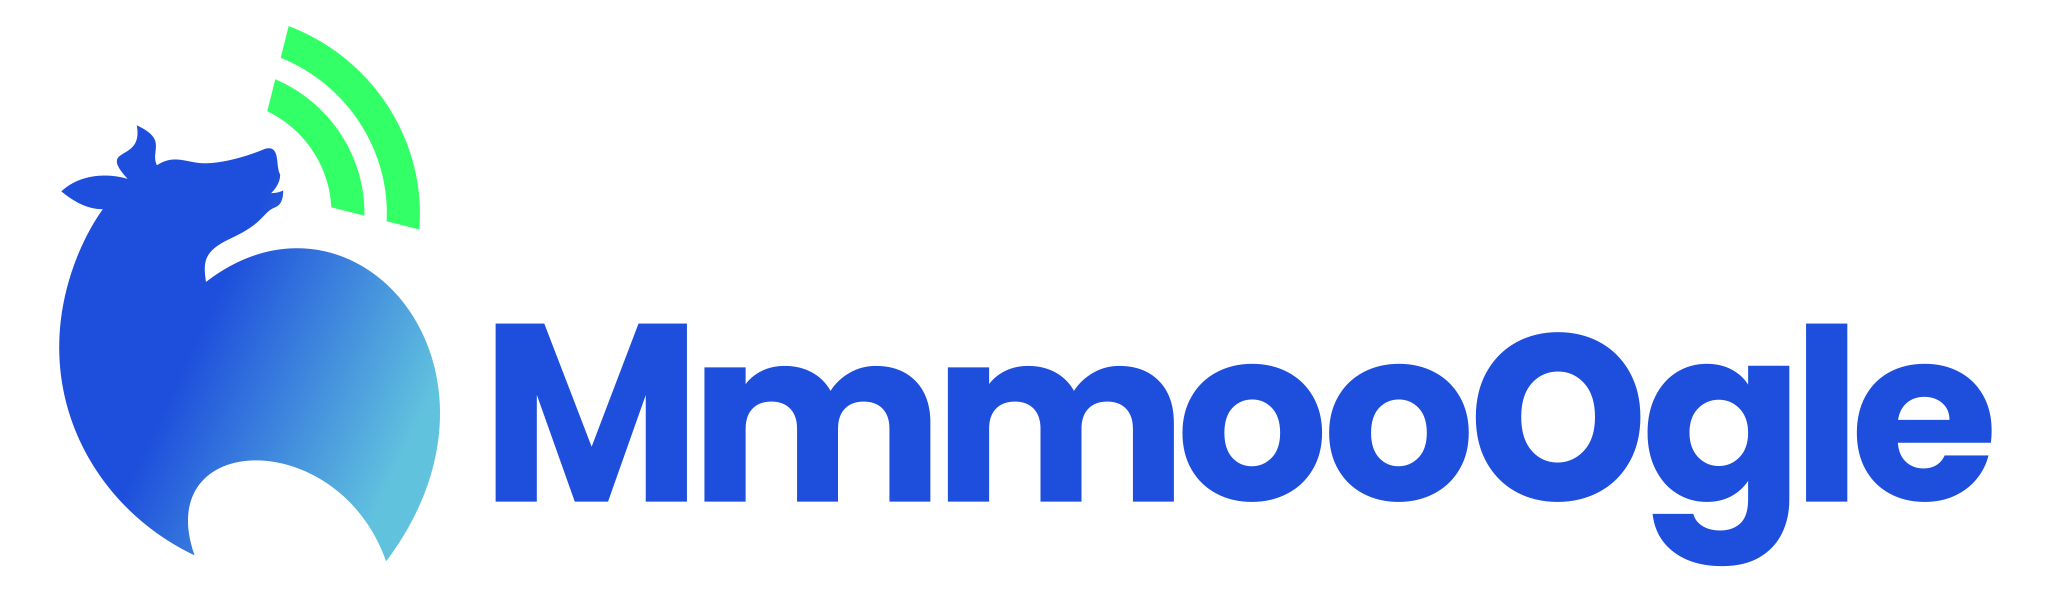 MmmooOgle logo